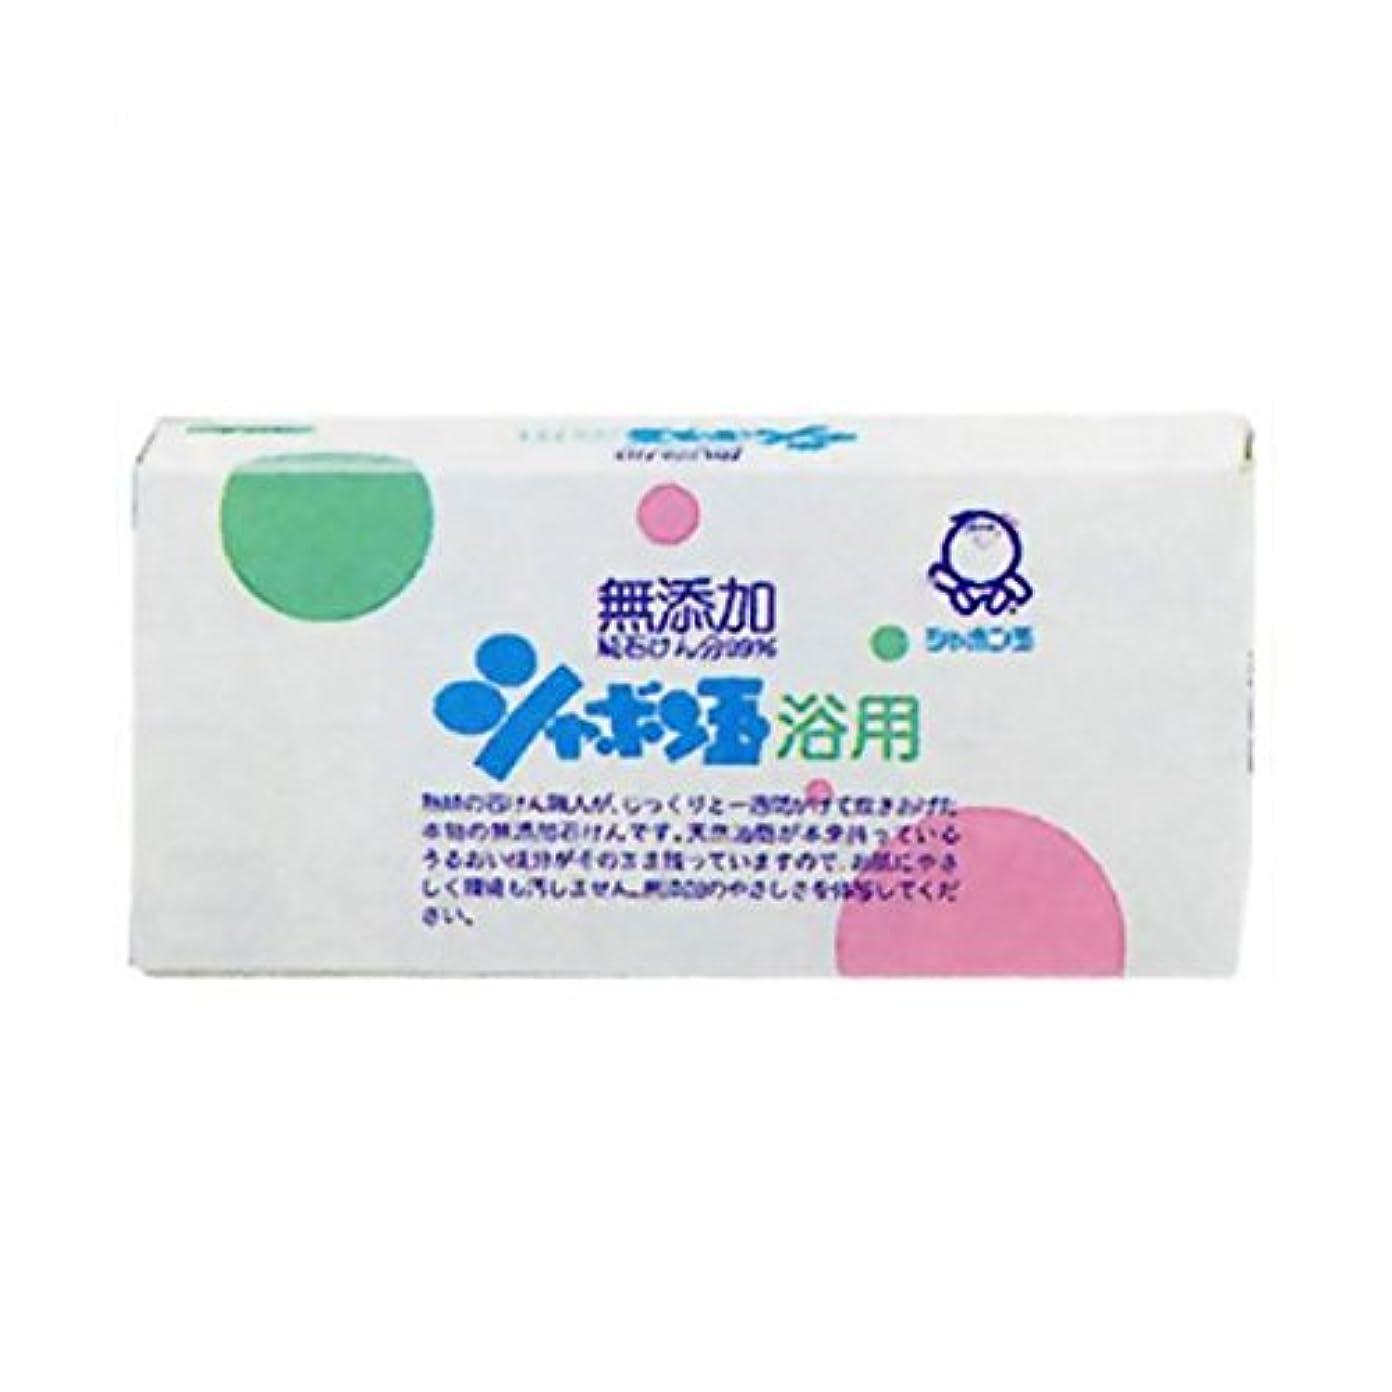 民主党ストッキング蒸発【お徳用 15 セット】 シャボン玉 浴用 石けん 100g×3個入(無添加石鹸)×15セット